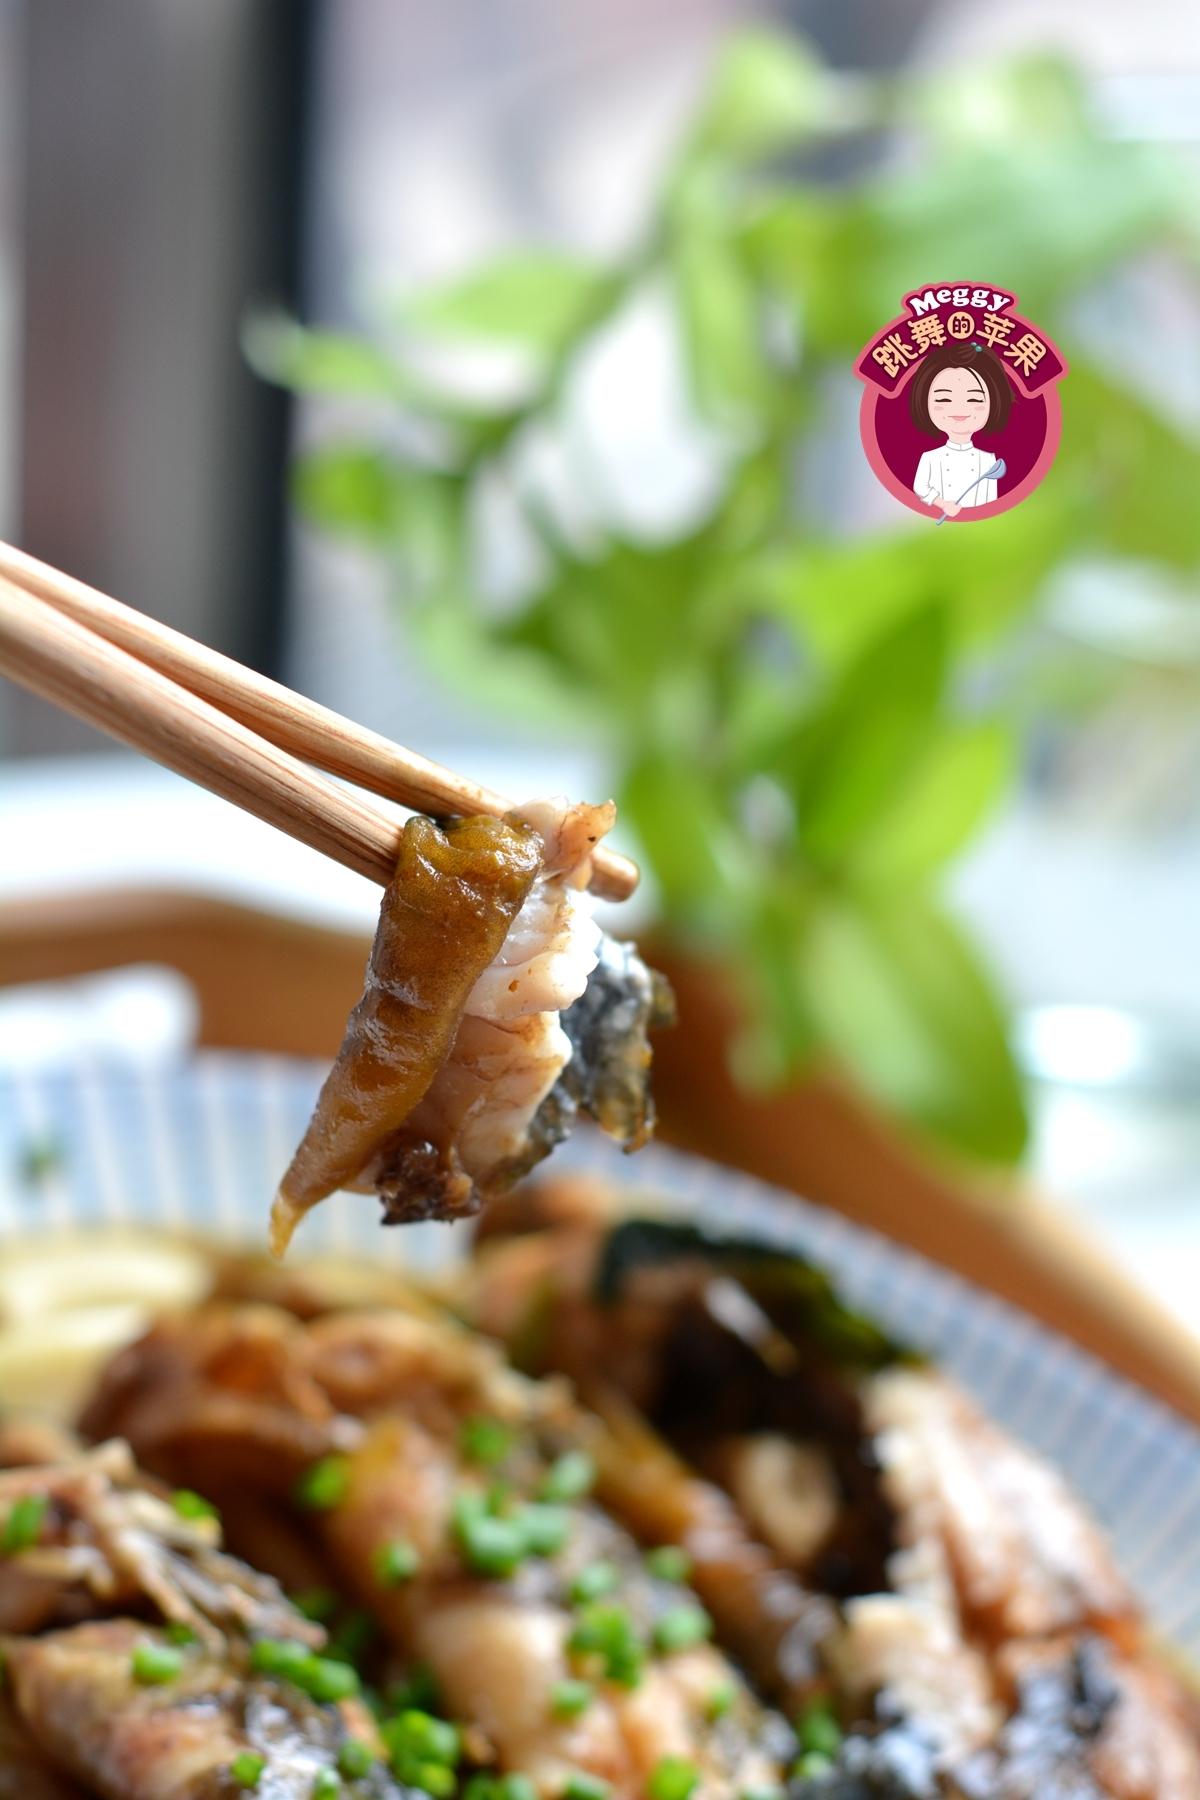 红烧鱼这样做很多人都没试过,鱼肉鲜嫩又下饭,上桌都抢着吃!